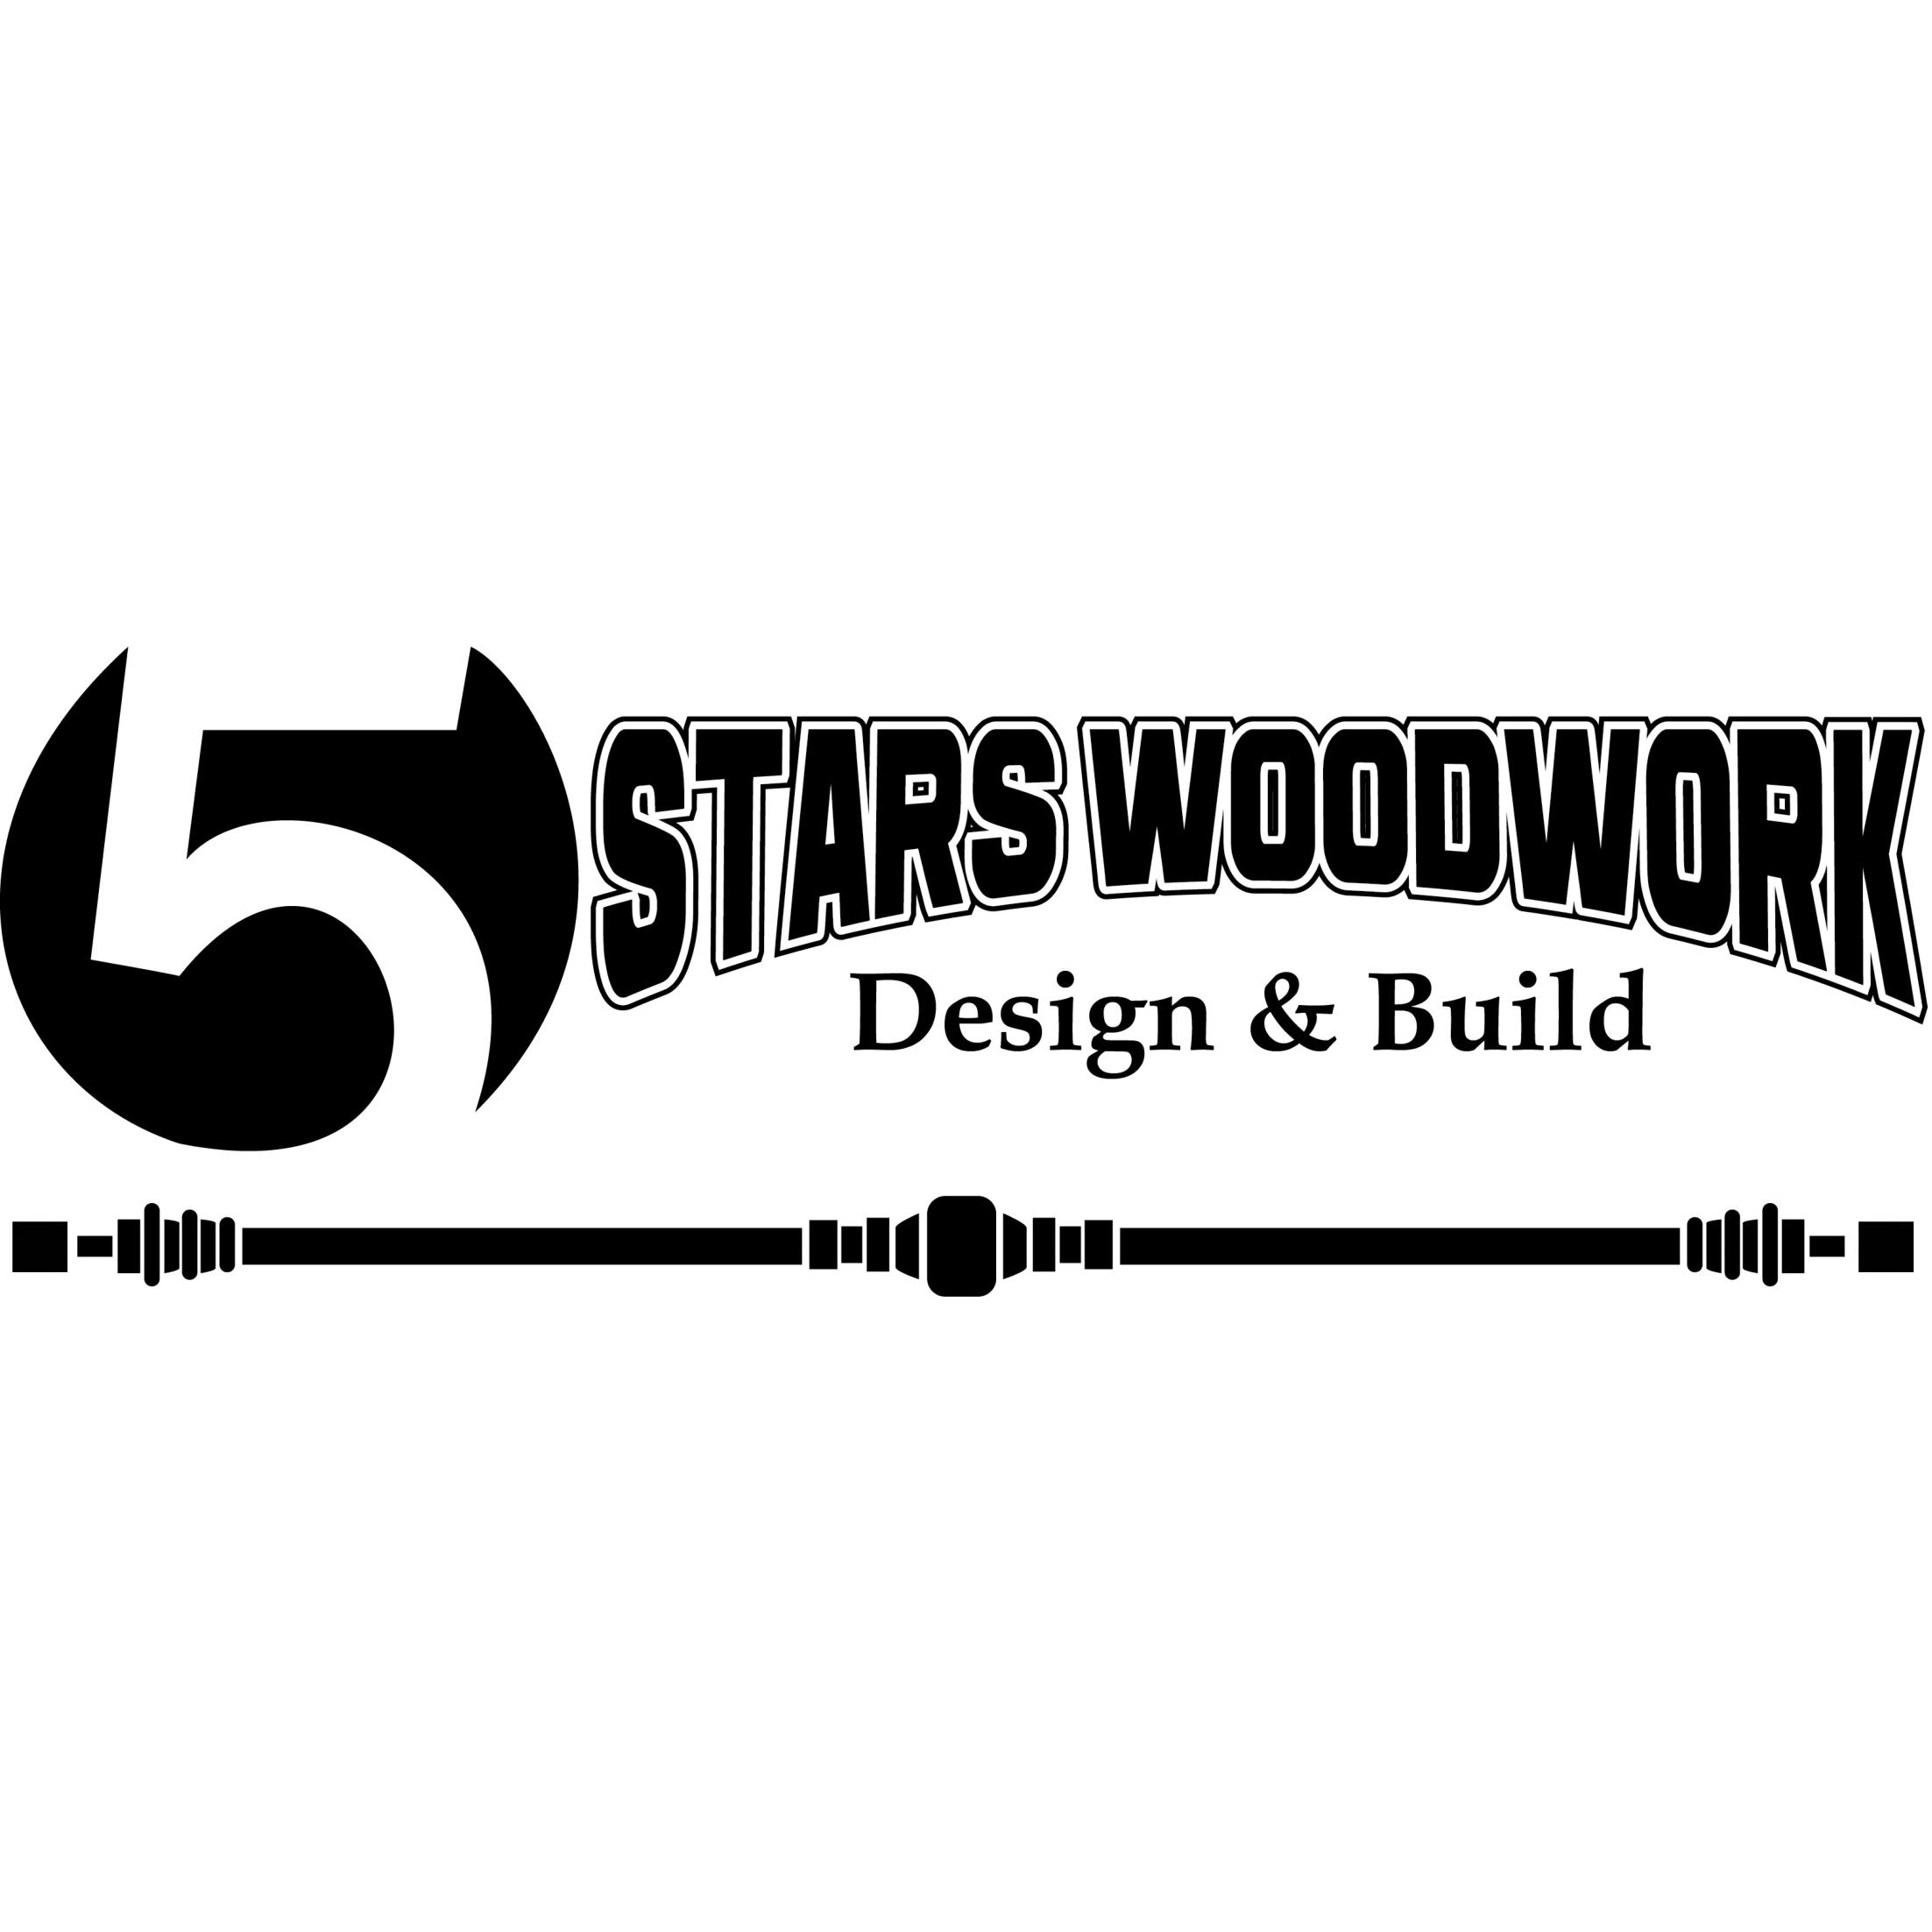 5 Stars Woodwork LLC - Salem, MA 01970 - (978)968-4949 | ShowMeLocal.com